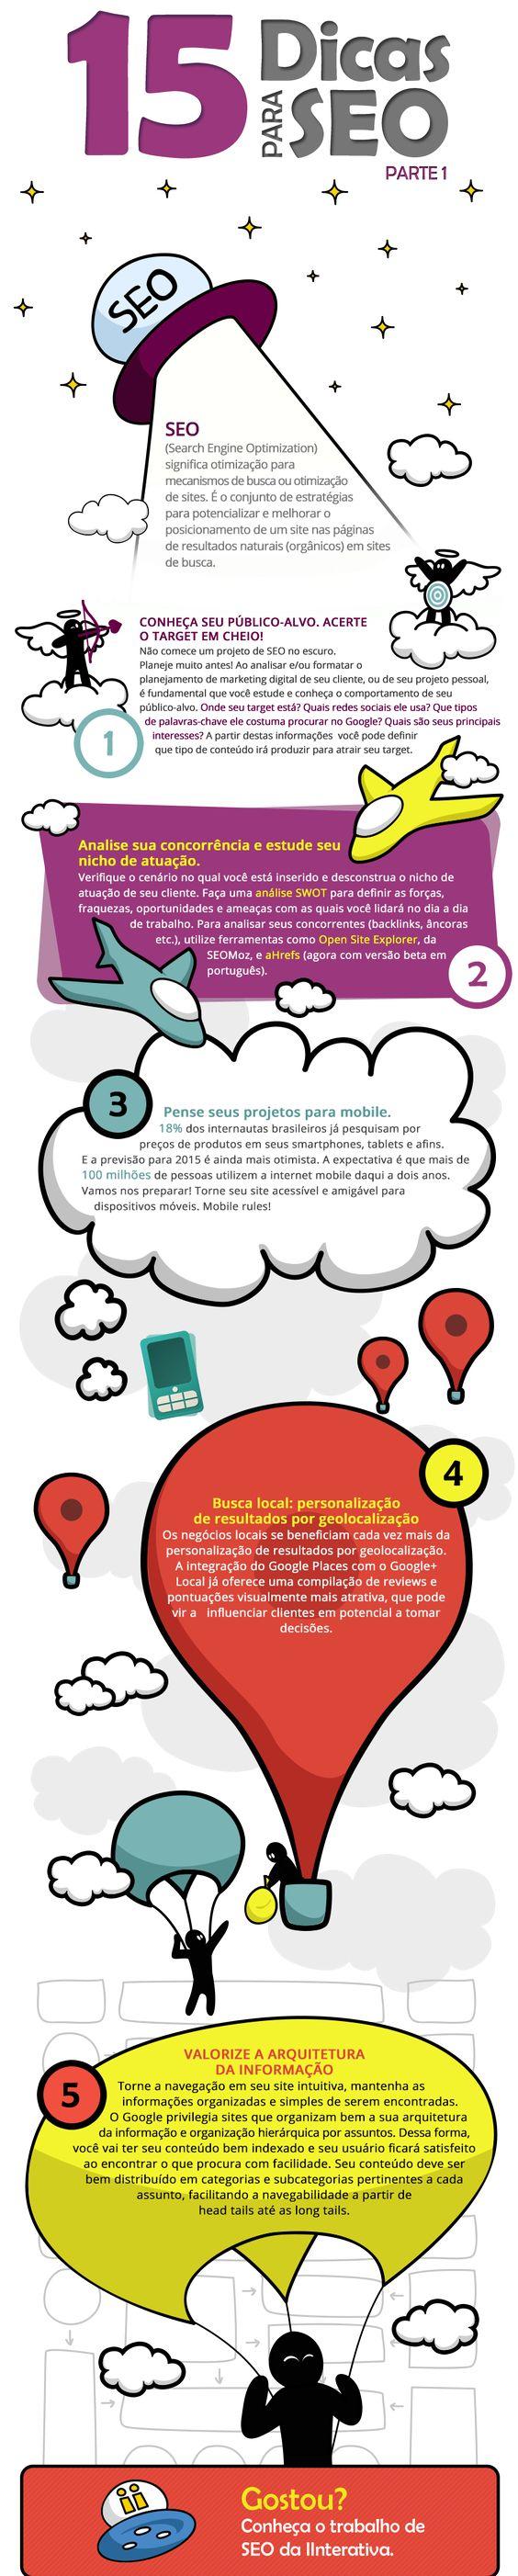 15 dicas para otimizar projetos de SEO. Parte 1